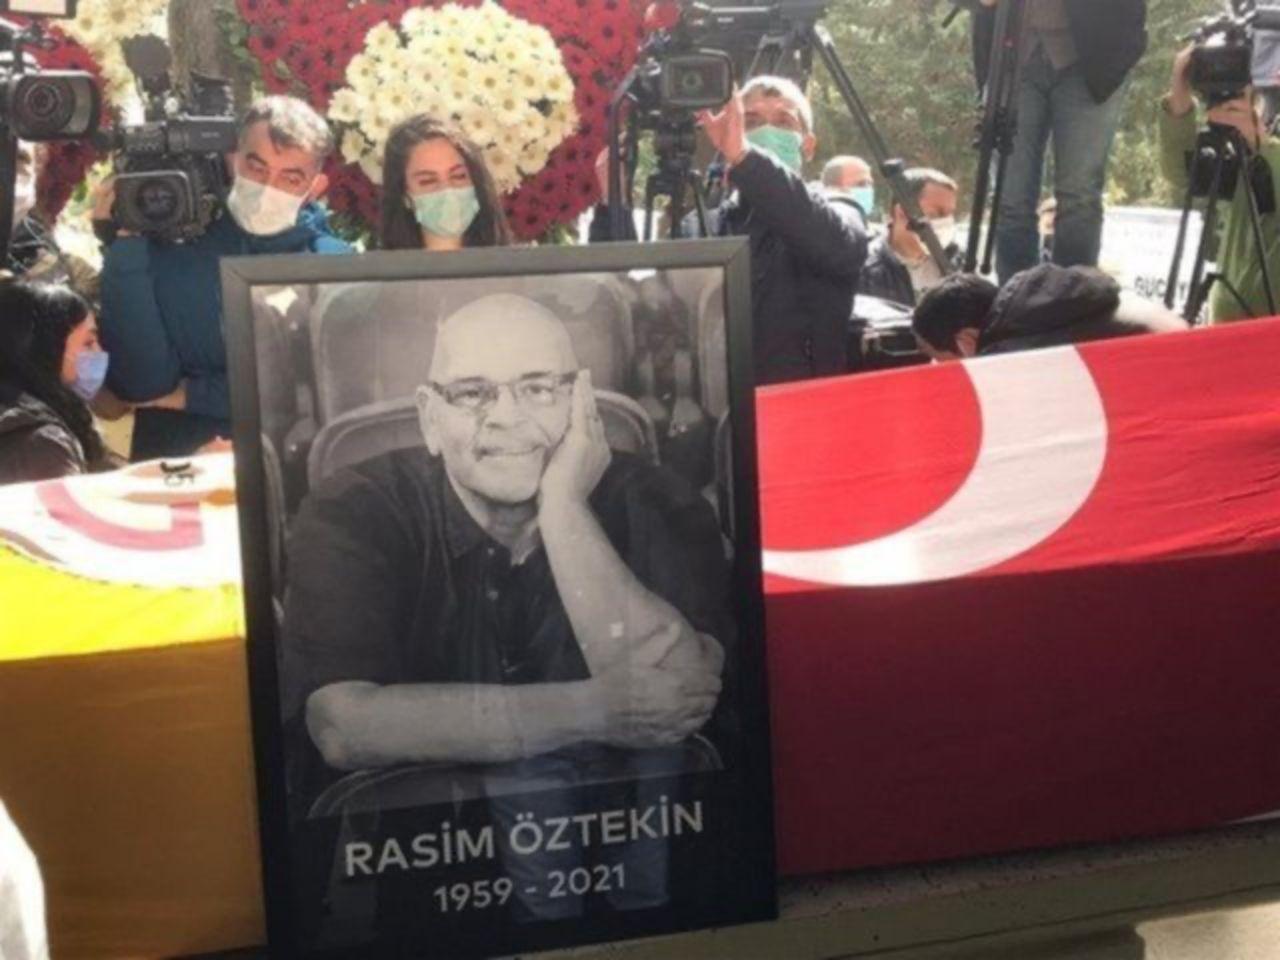 Rasim Öztekin'in eşinden duygusal paylaşım: 'İçim fazlasıyla acıyor...' - Sayfa:1